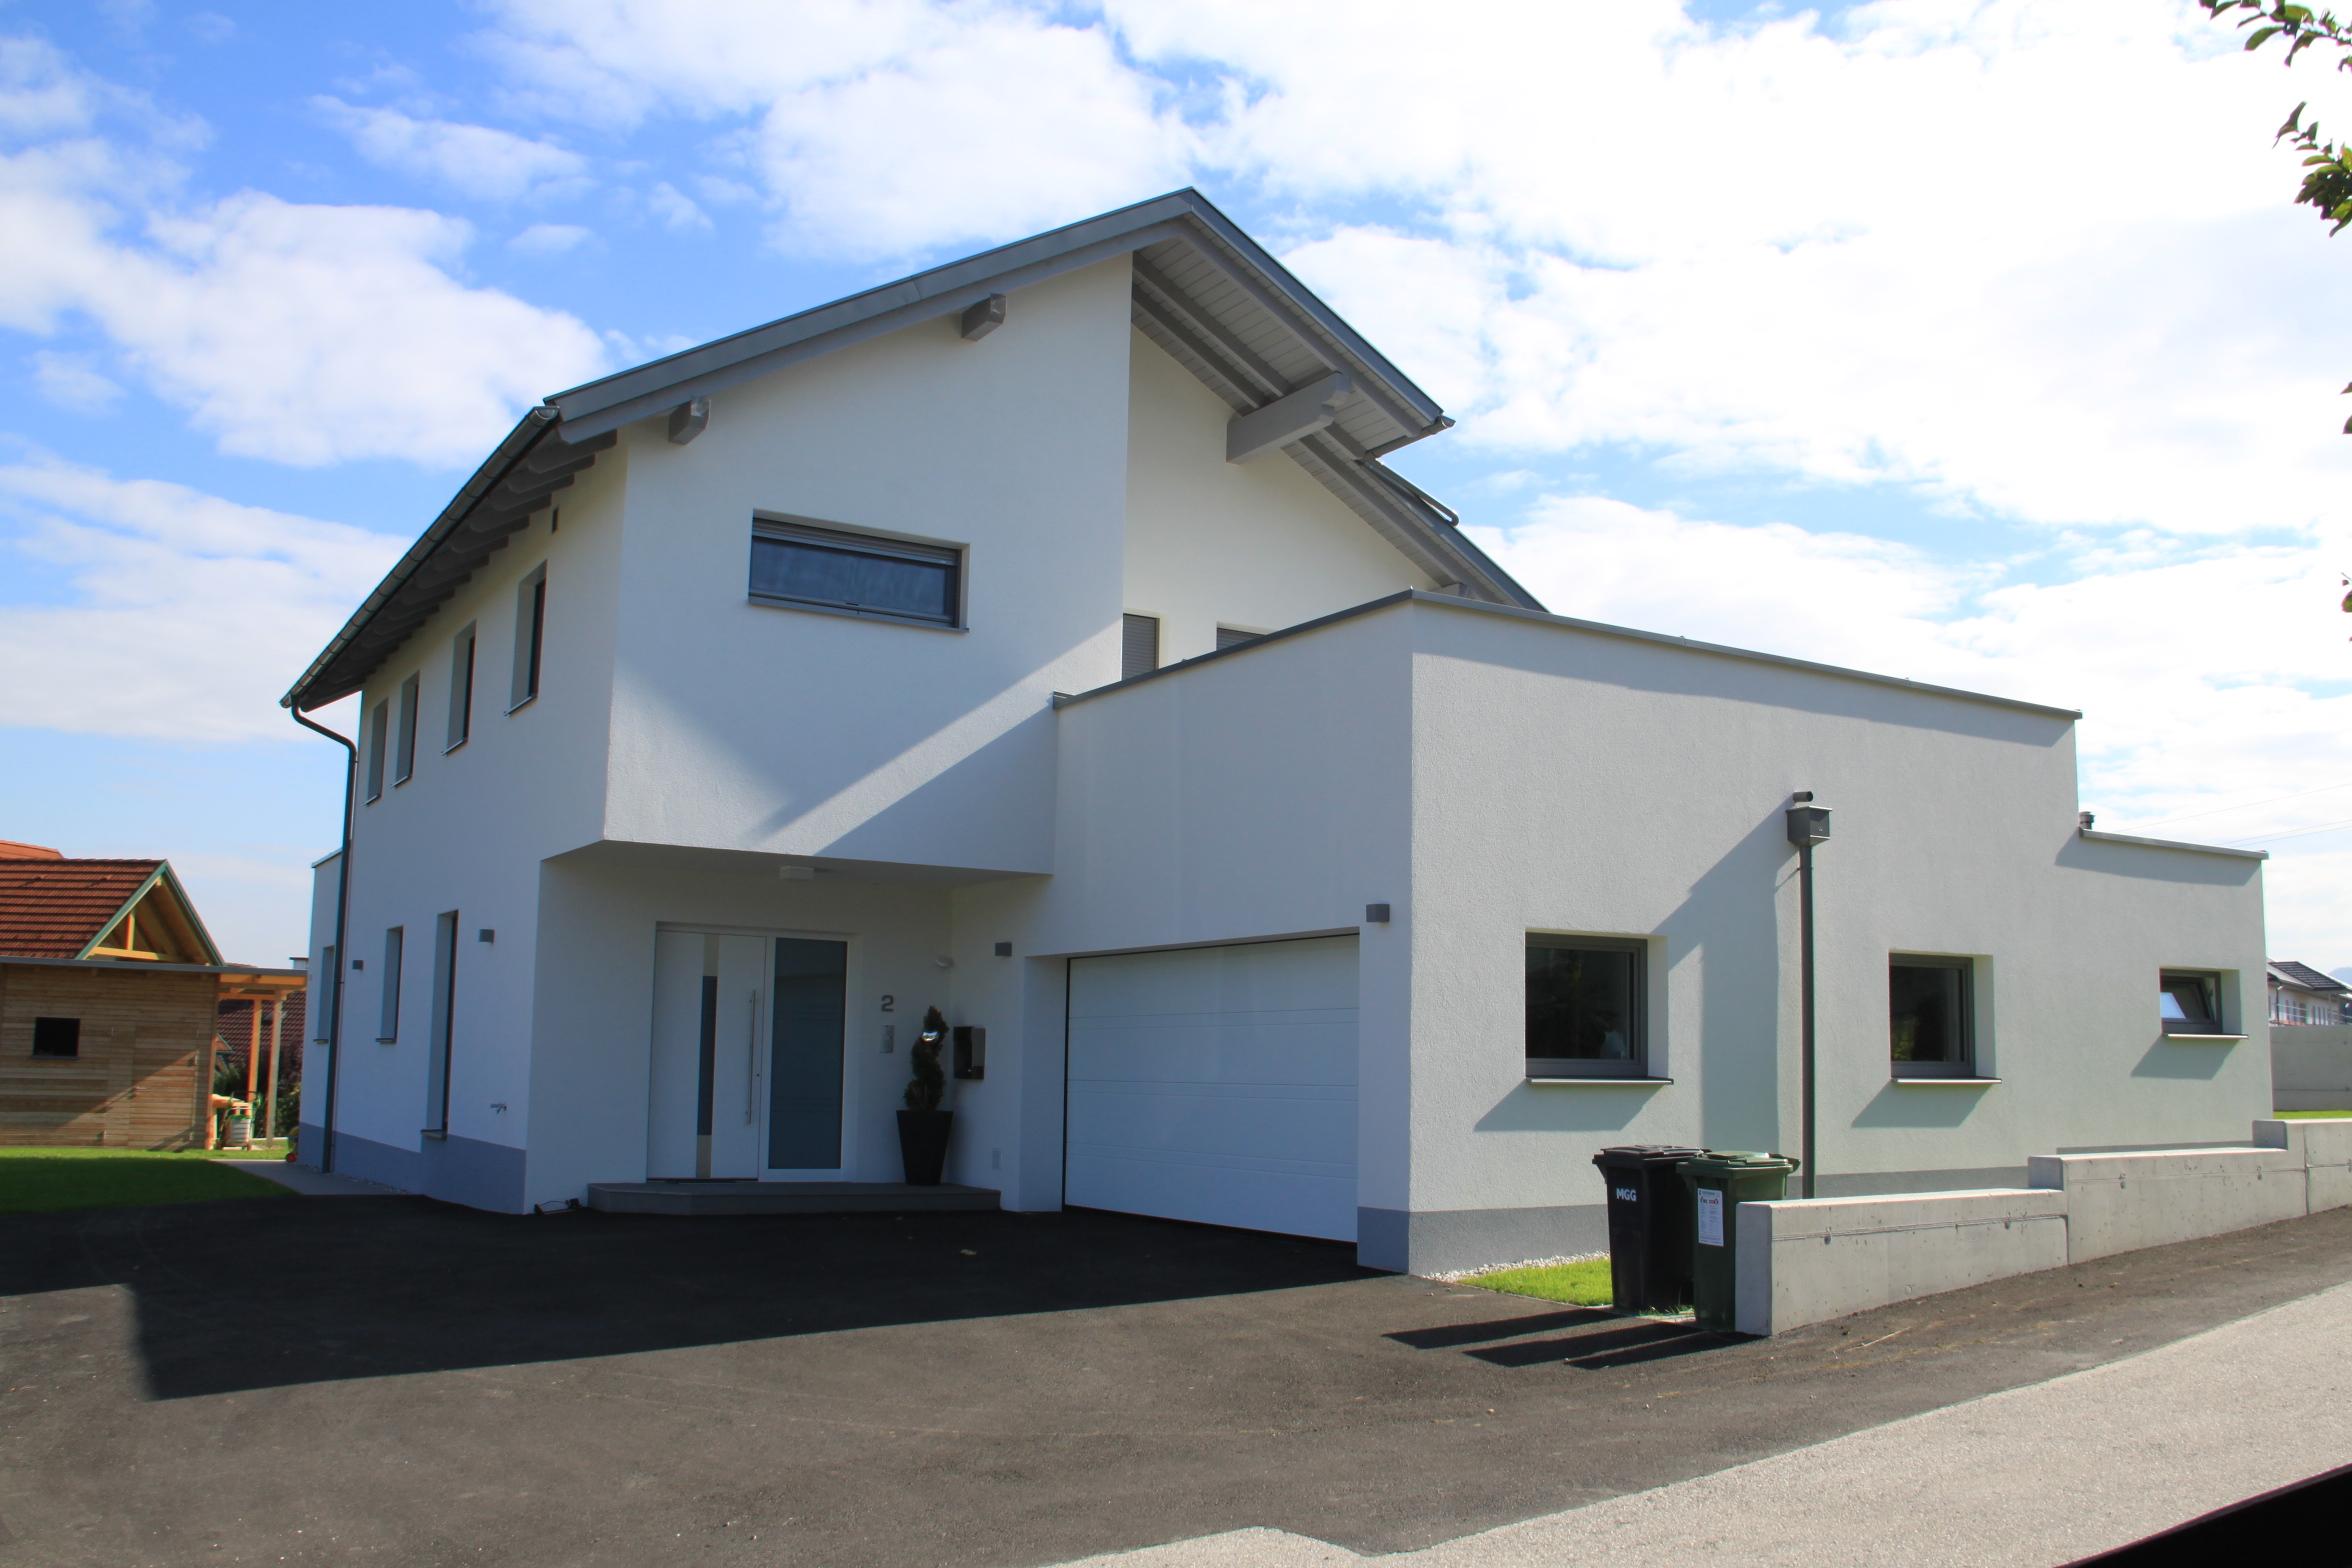 http://www.der-bauberater.at/wp-content/uploads/2017/10/Einfamilienhaus_04.jpg